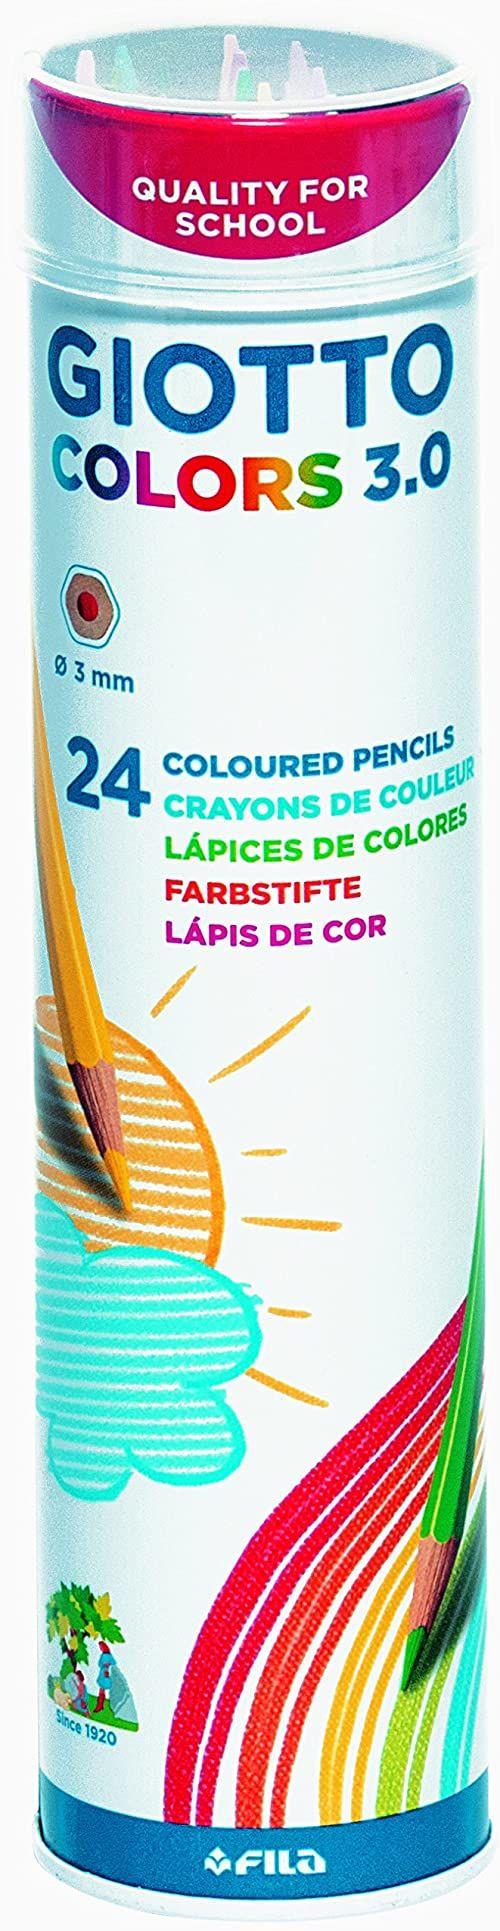 Giotto 2770 00 kolorów 3.0